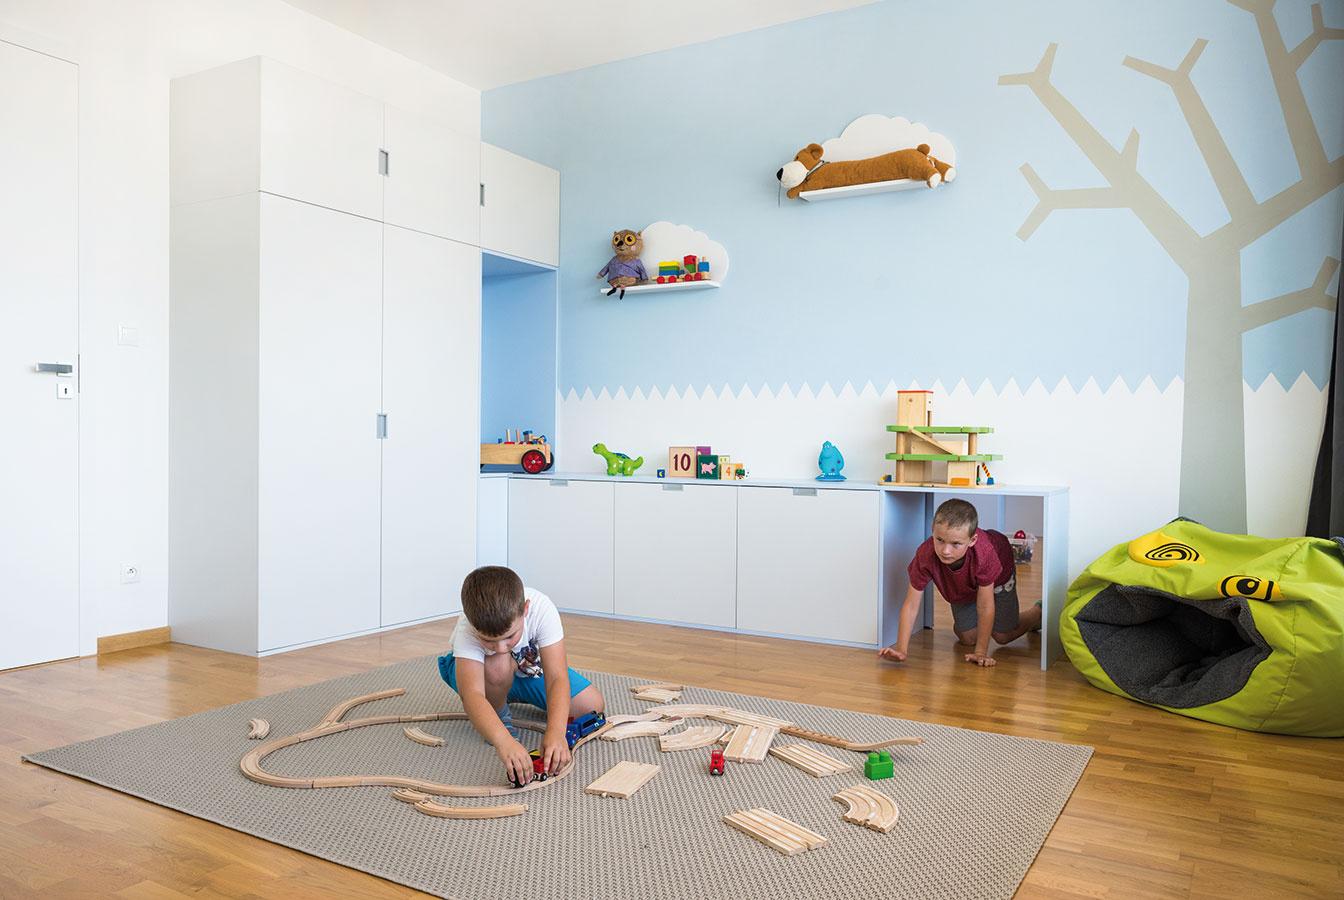 Obe detské izby sa nesú vrovnakom duchu, možno vnich však badať isté rozdiely. Kým vizbe mladšieho syna sú na stene poličky vtvare obláčikov, ustaršieho zase nájdete sympatické domčeky.